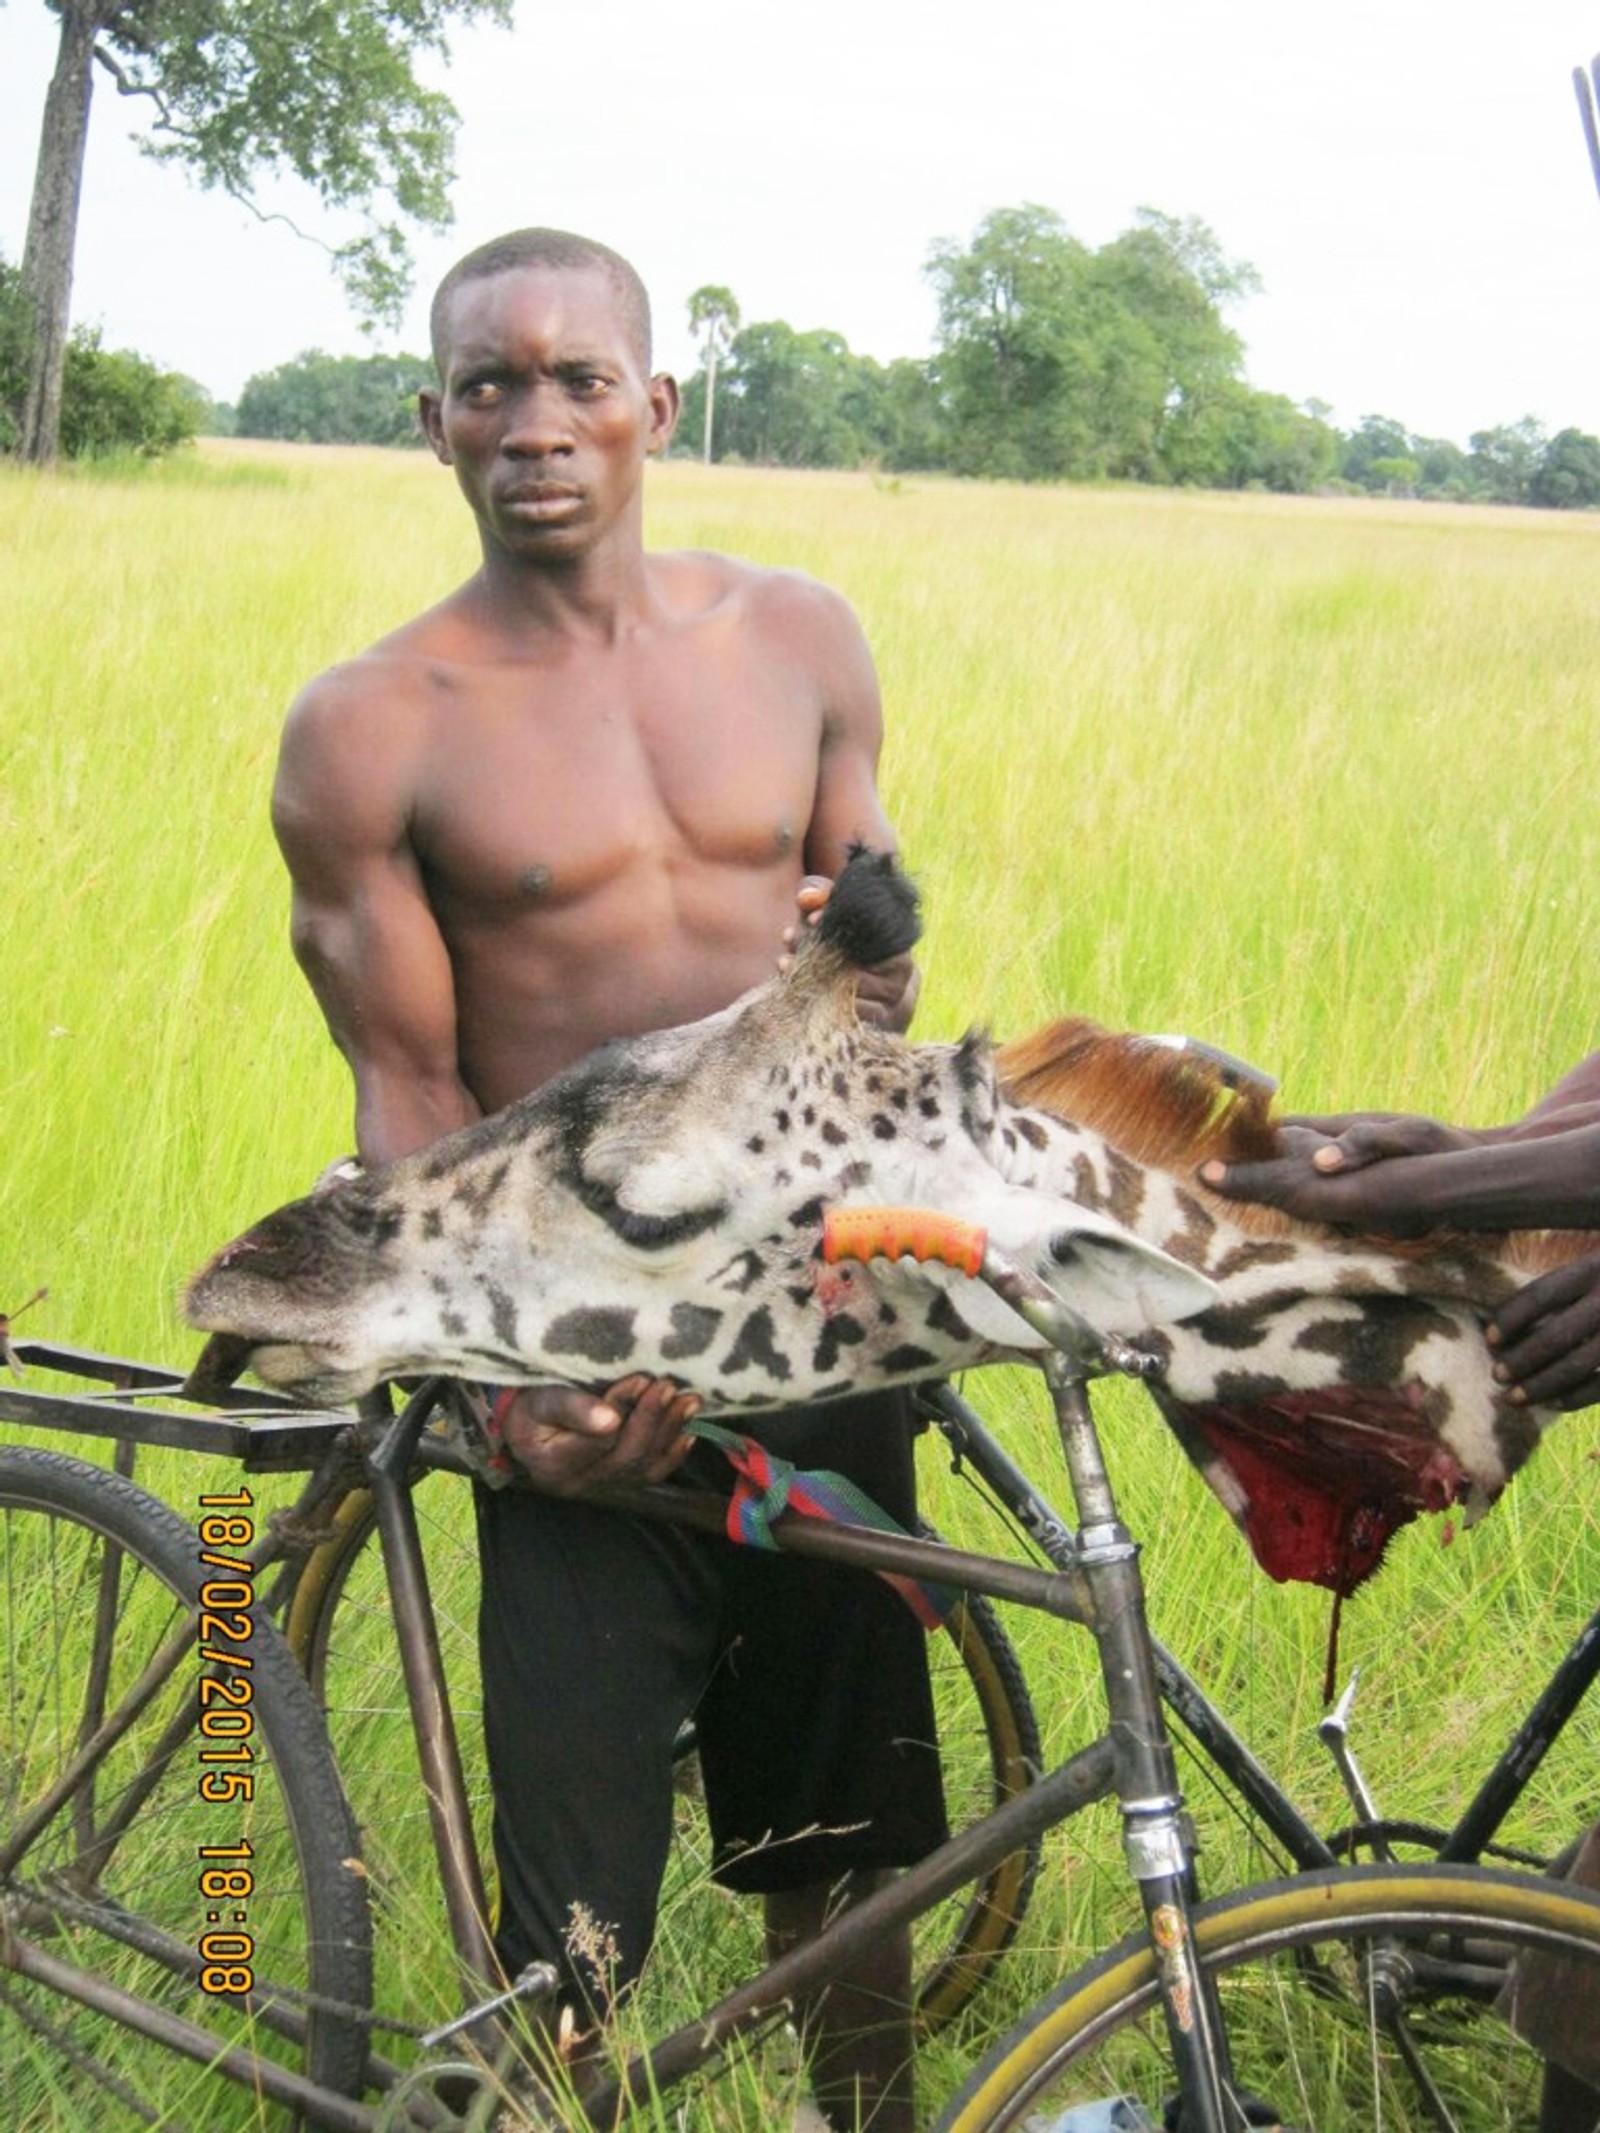 Krypskytter på sykkel med sjiiraffhode i Kongo.